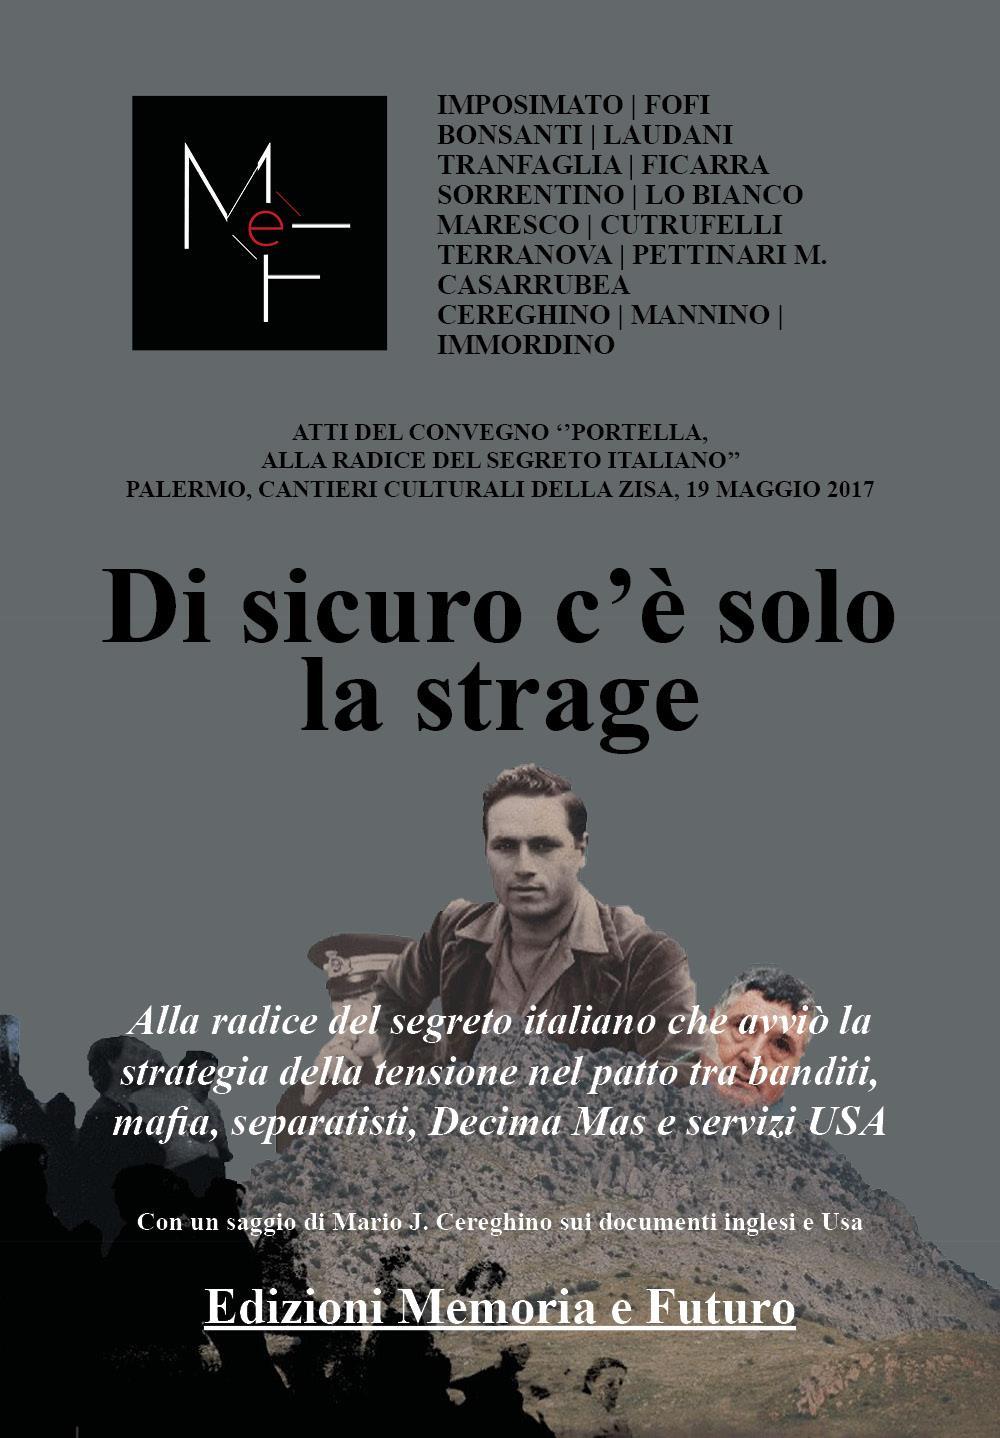 Portella della Ginestra: alla radice del segreto italiano